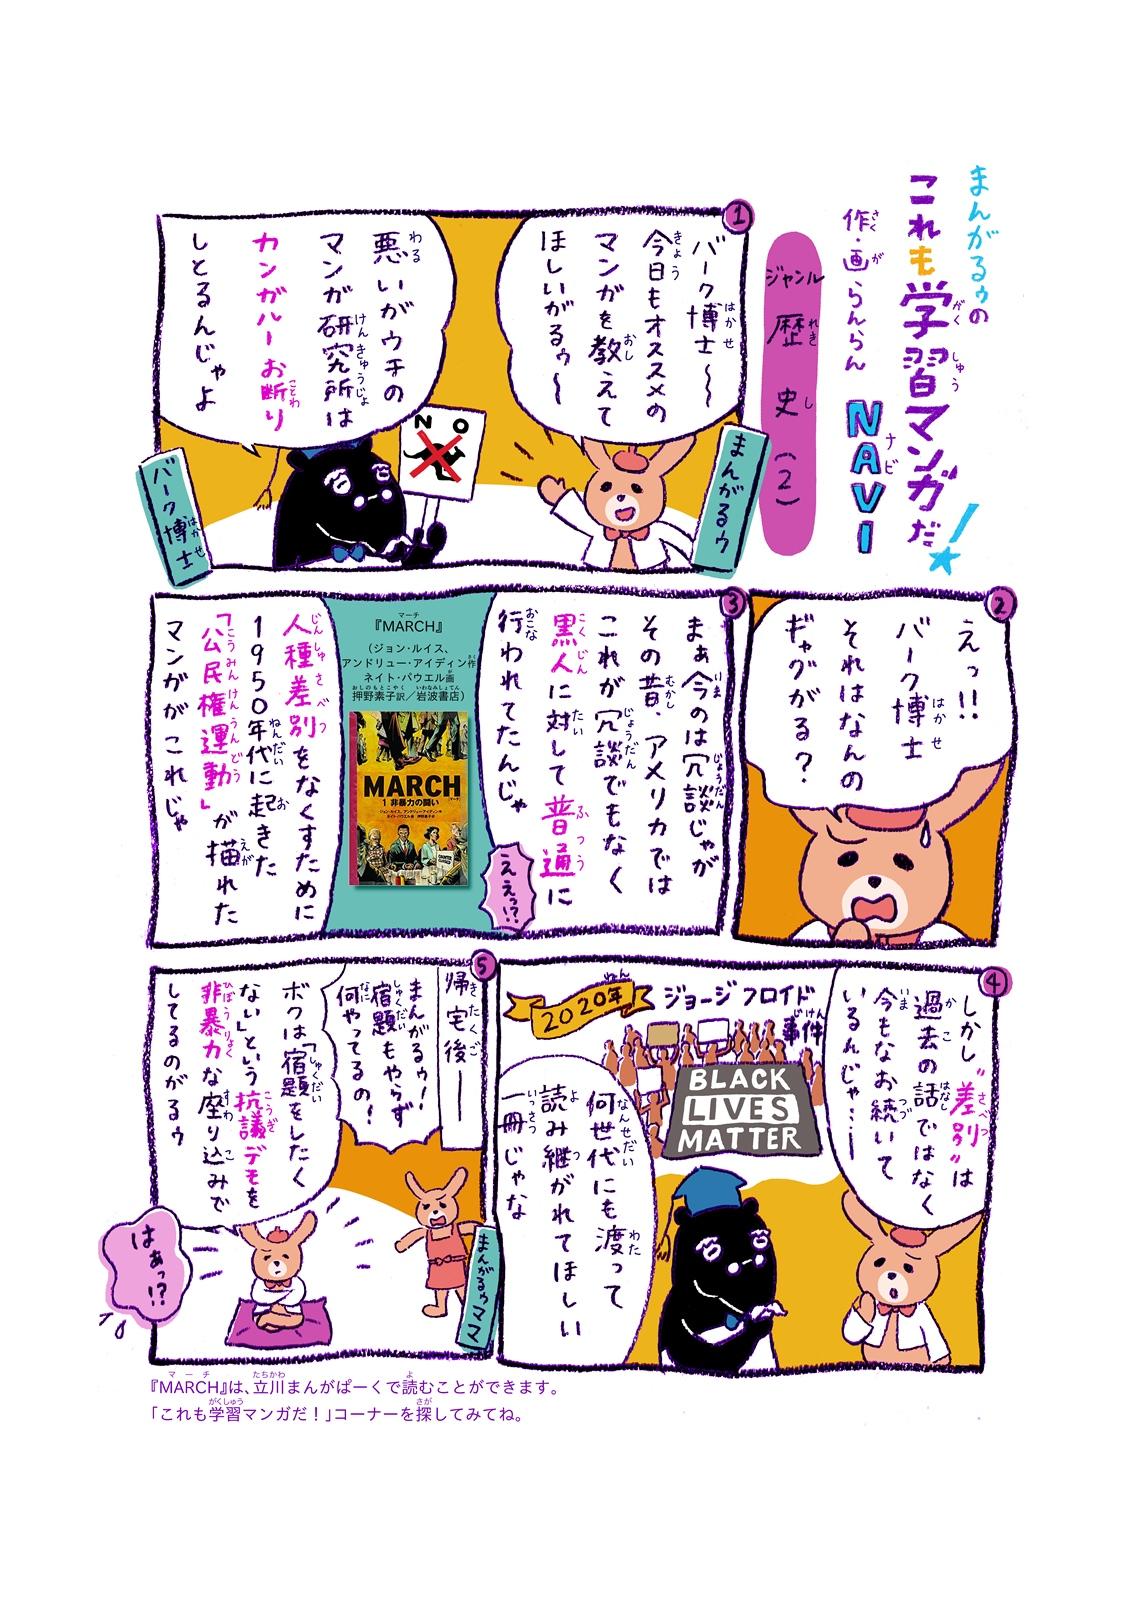 https://mangapark.jp/topics/2021/03/28/images/mangaroo_vol18.jpg